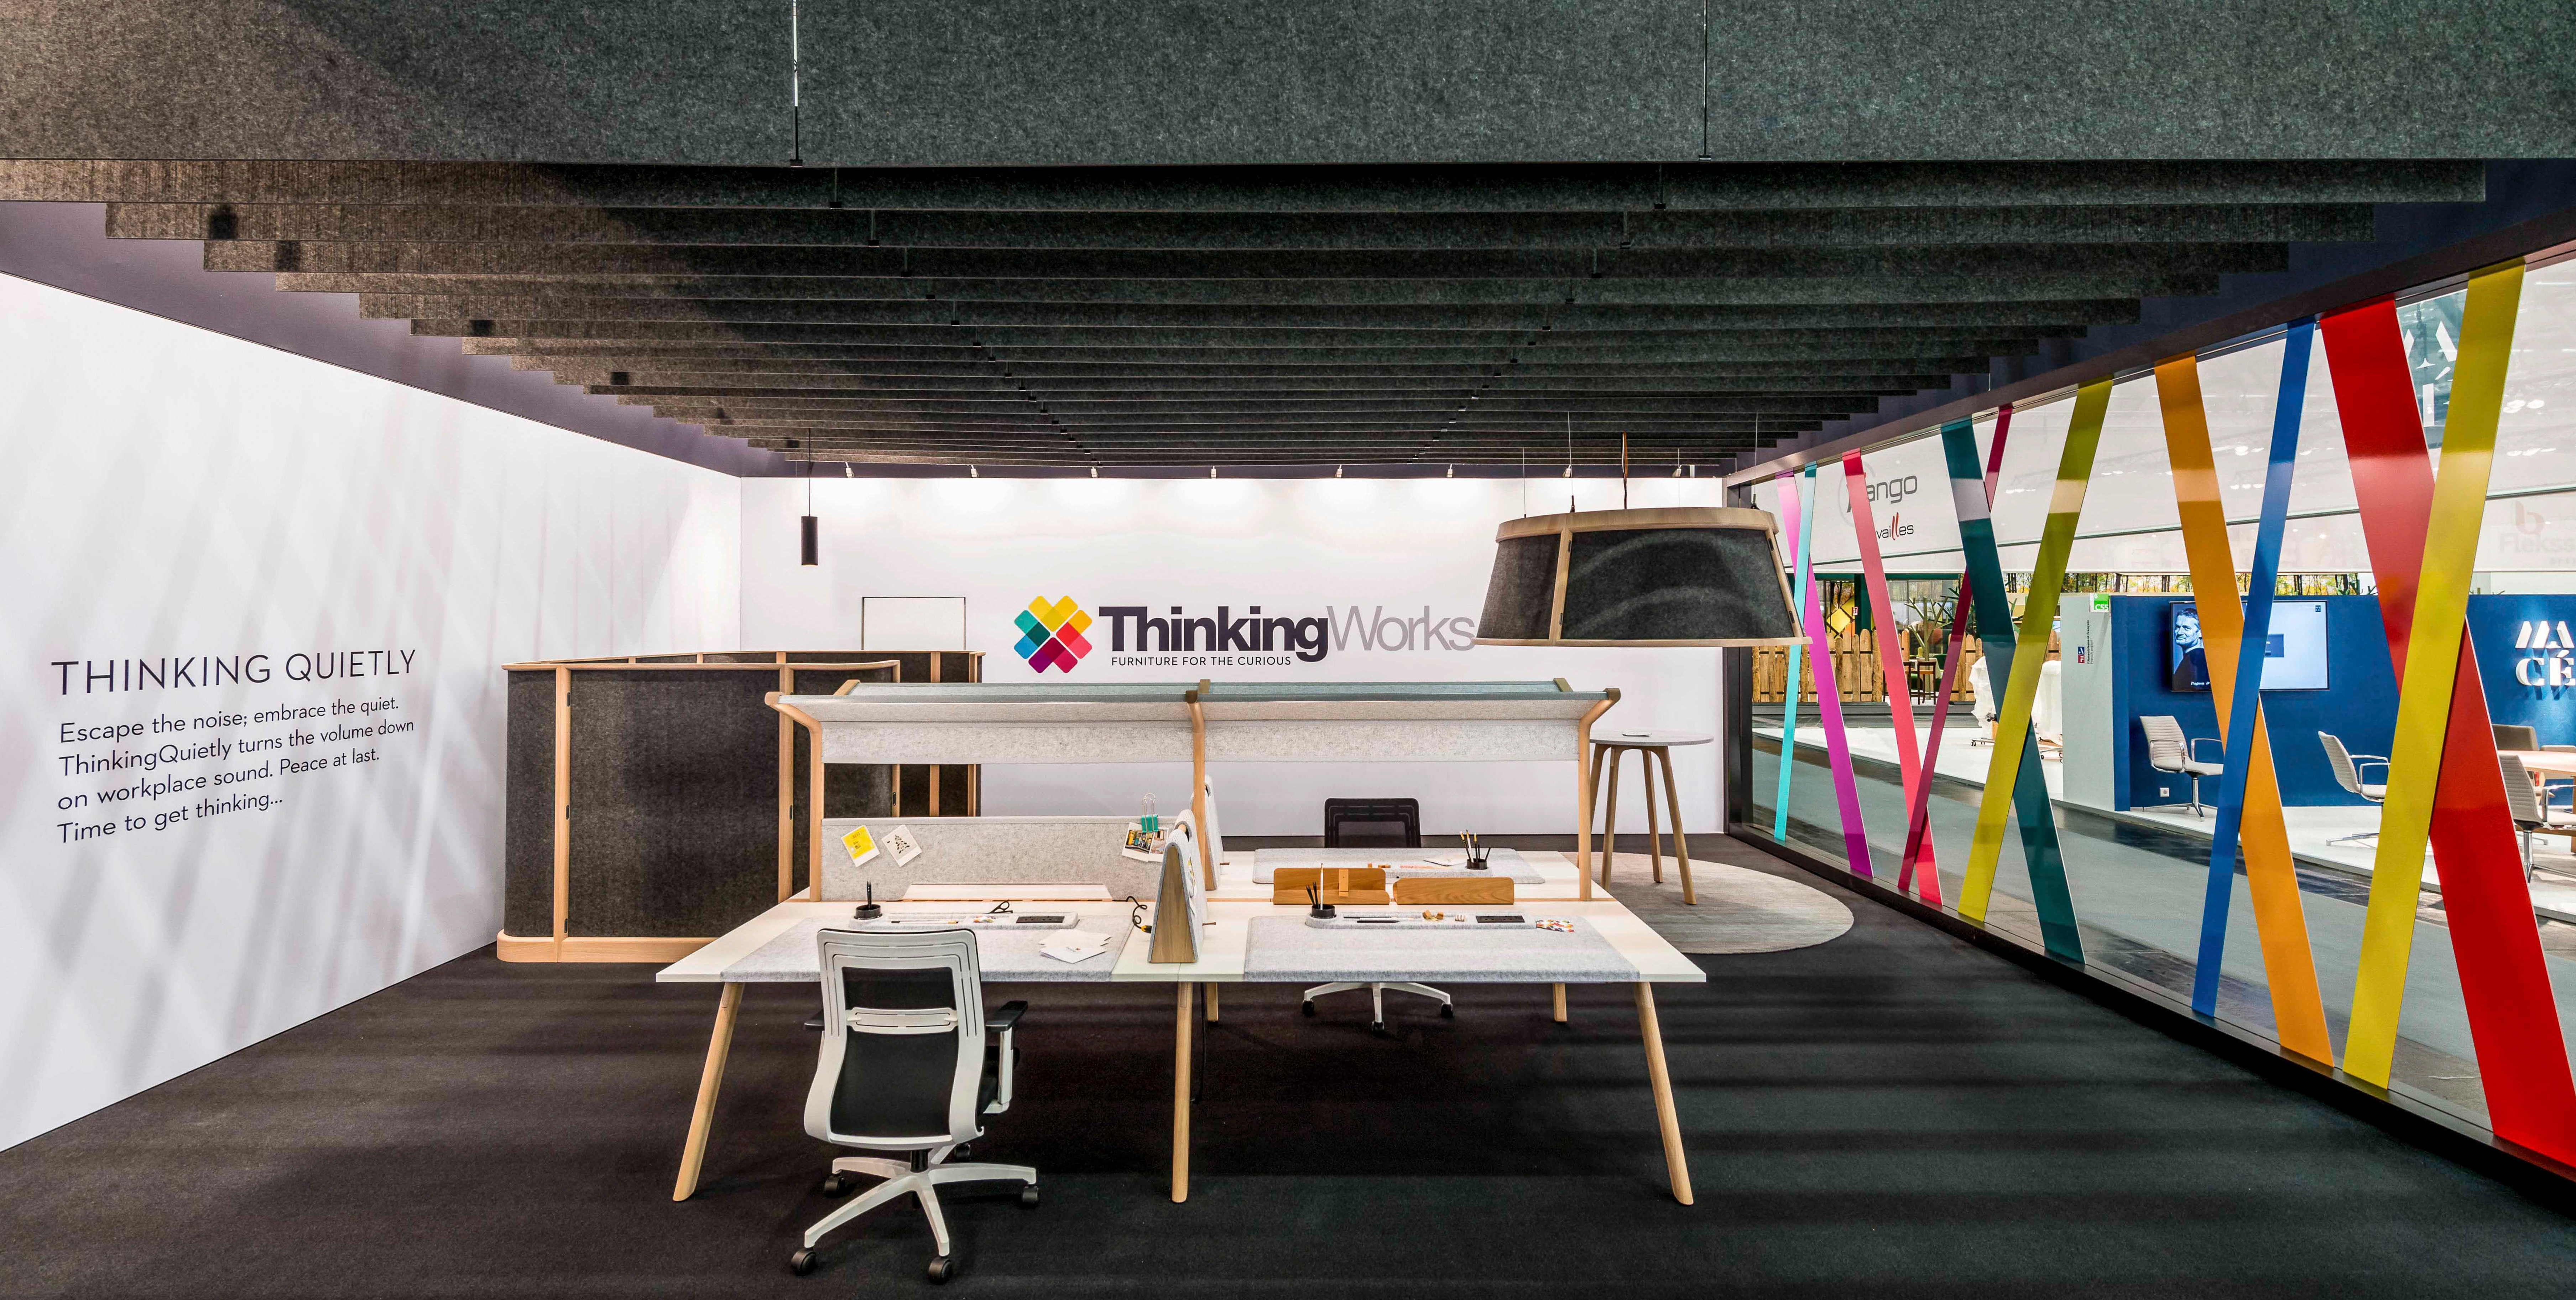 ThinkingWorks_05